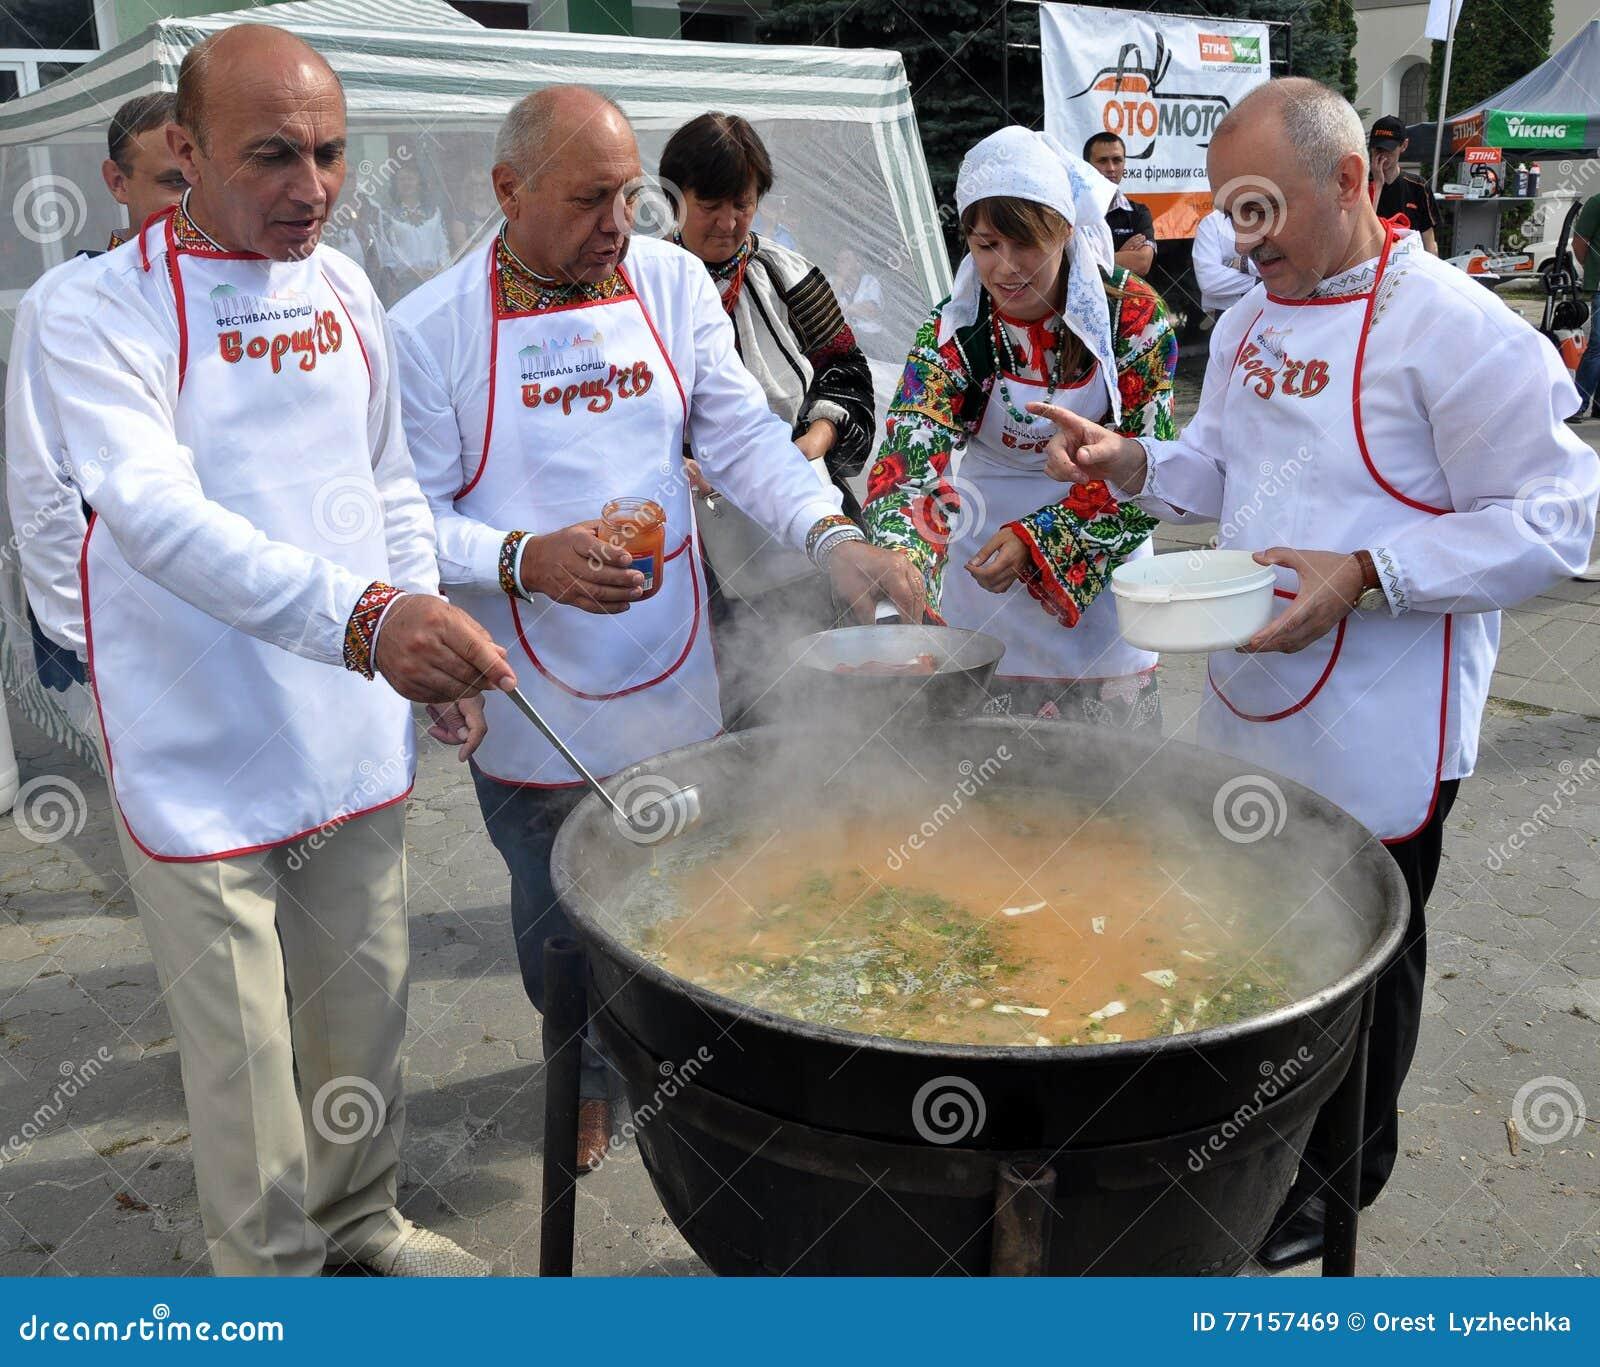 Célébration de la broderie et du borscht_17